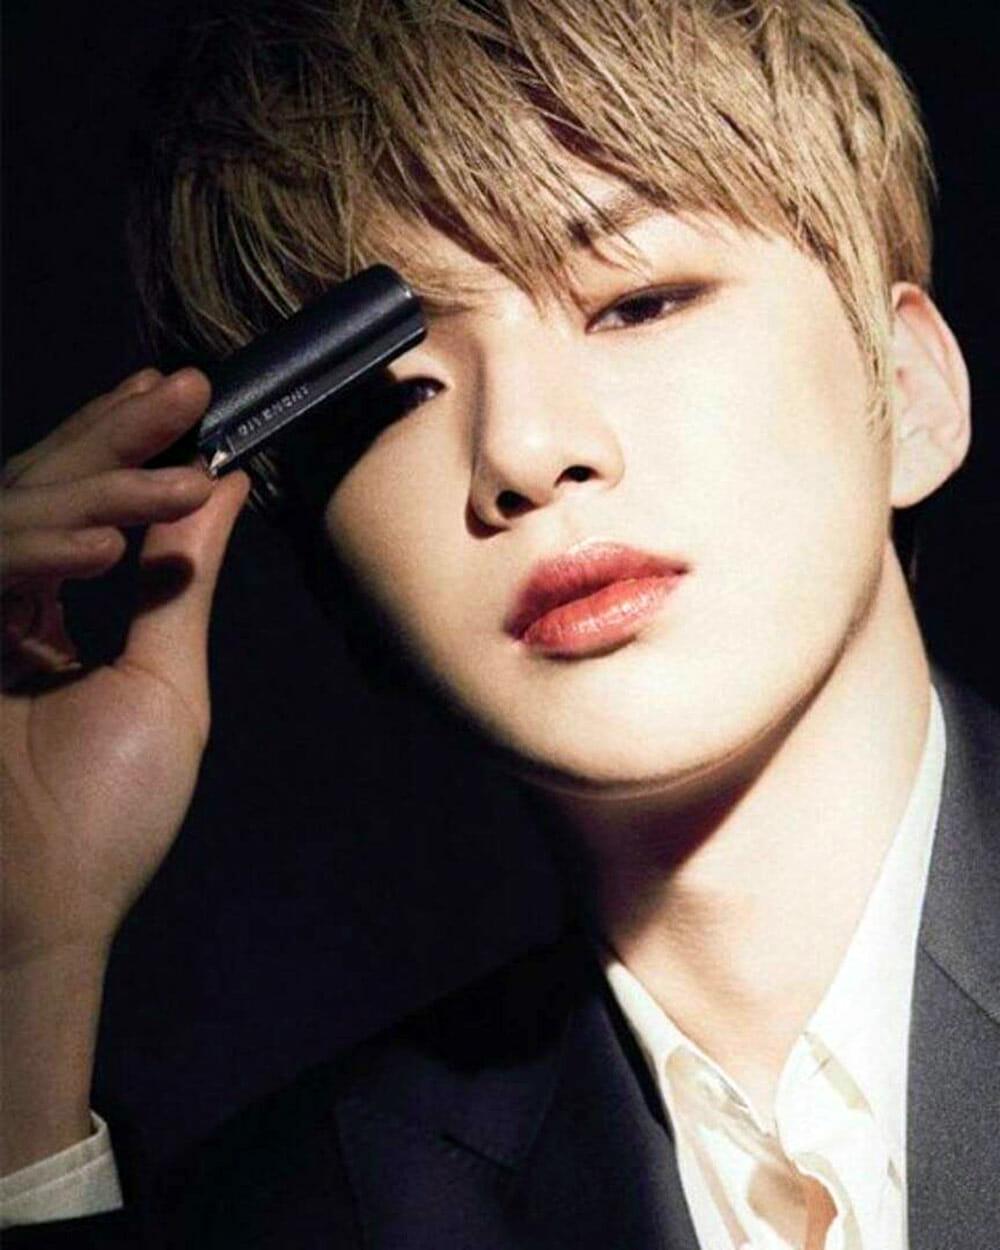 Korean Makeup for men